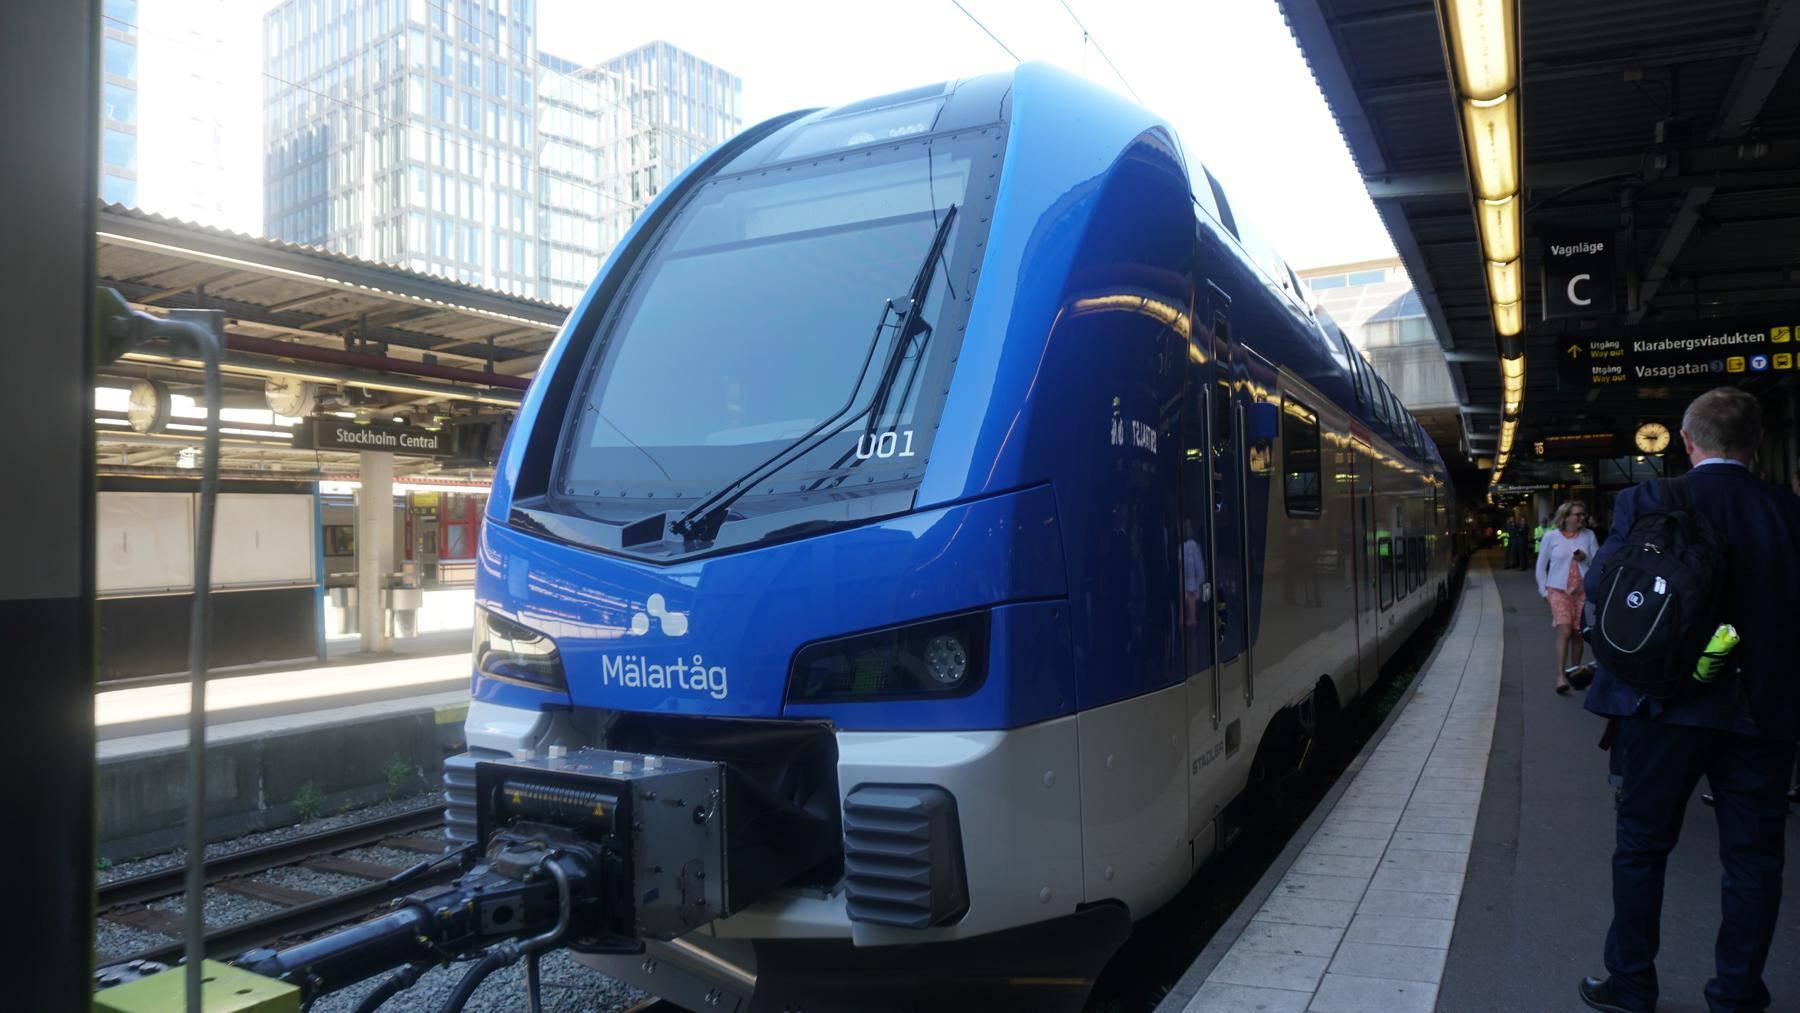 Die Züge von Stadler sollen in der Region des Mälarsees westlich der Schwedischen Hauptstadt Stockholm verkehren.